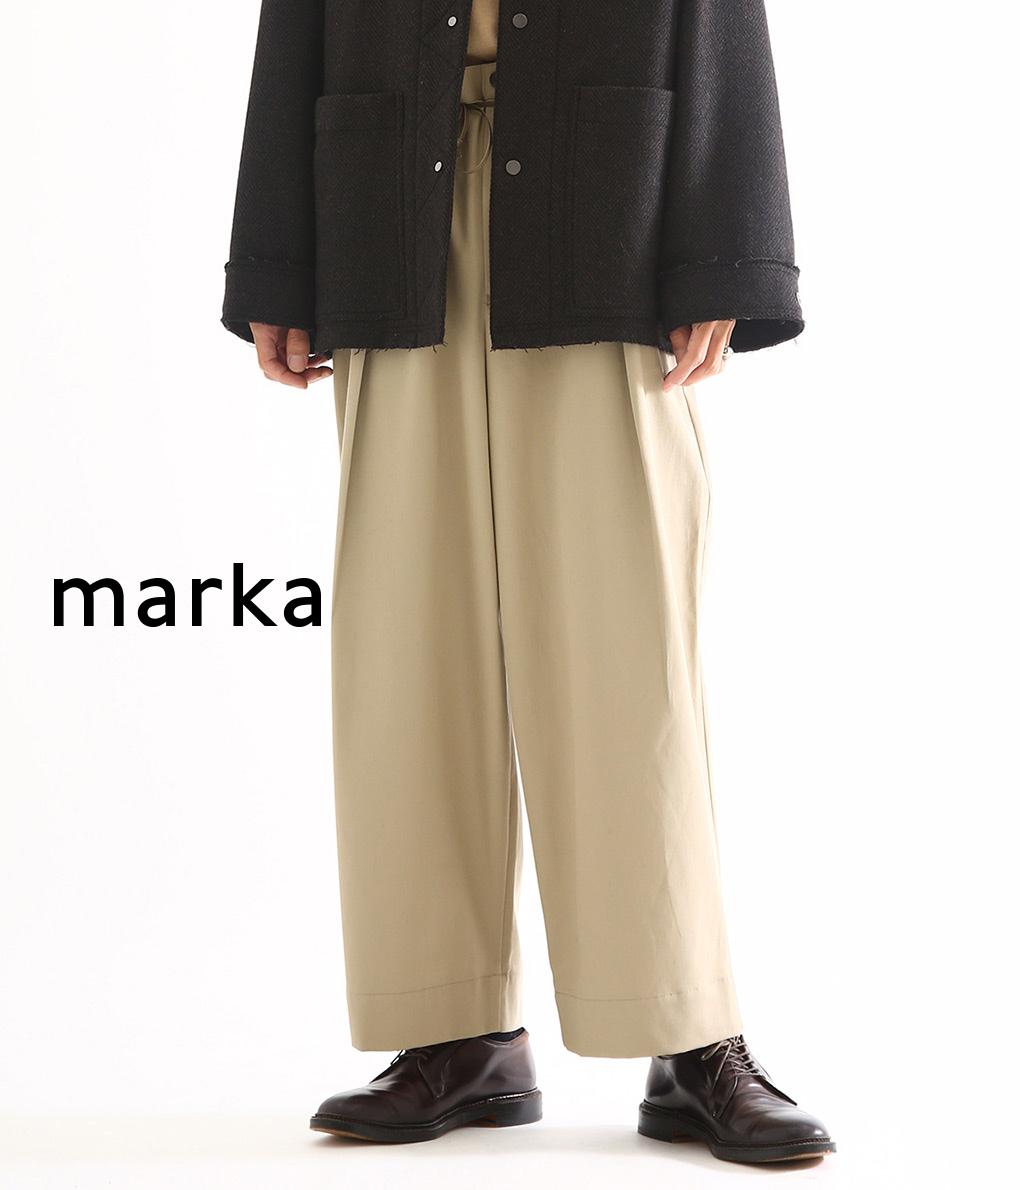 marka / マーカ : TUCK WIDE PANTS - co twill - / 全3色 : タックワイドパンツ ワイドパンツ ベルトパンツ コットンパンツ : M19C-19PT01C【COR】【WIS】